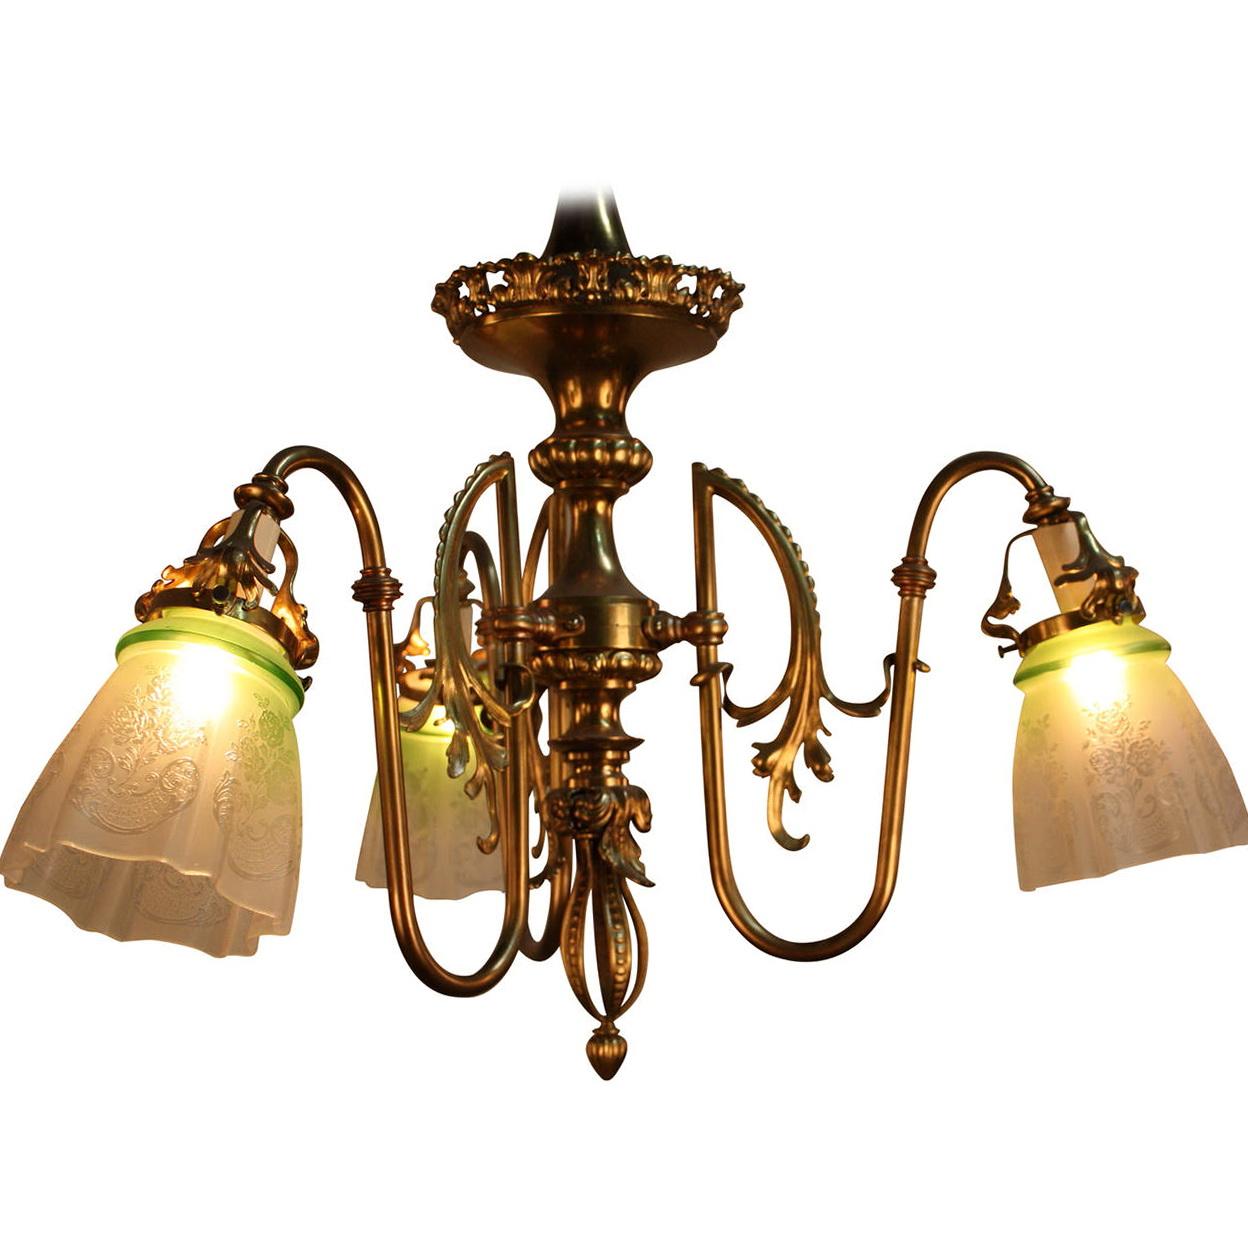 Art nouveau chandelier reproduction home design ideas for Chandelier art nouveau